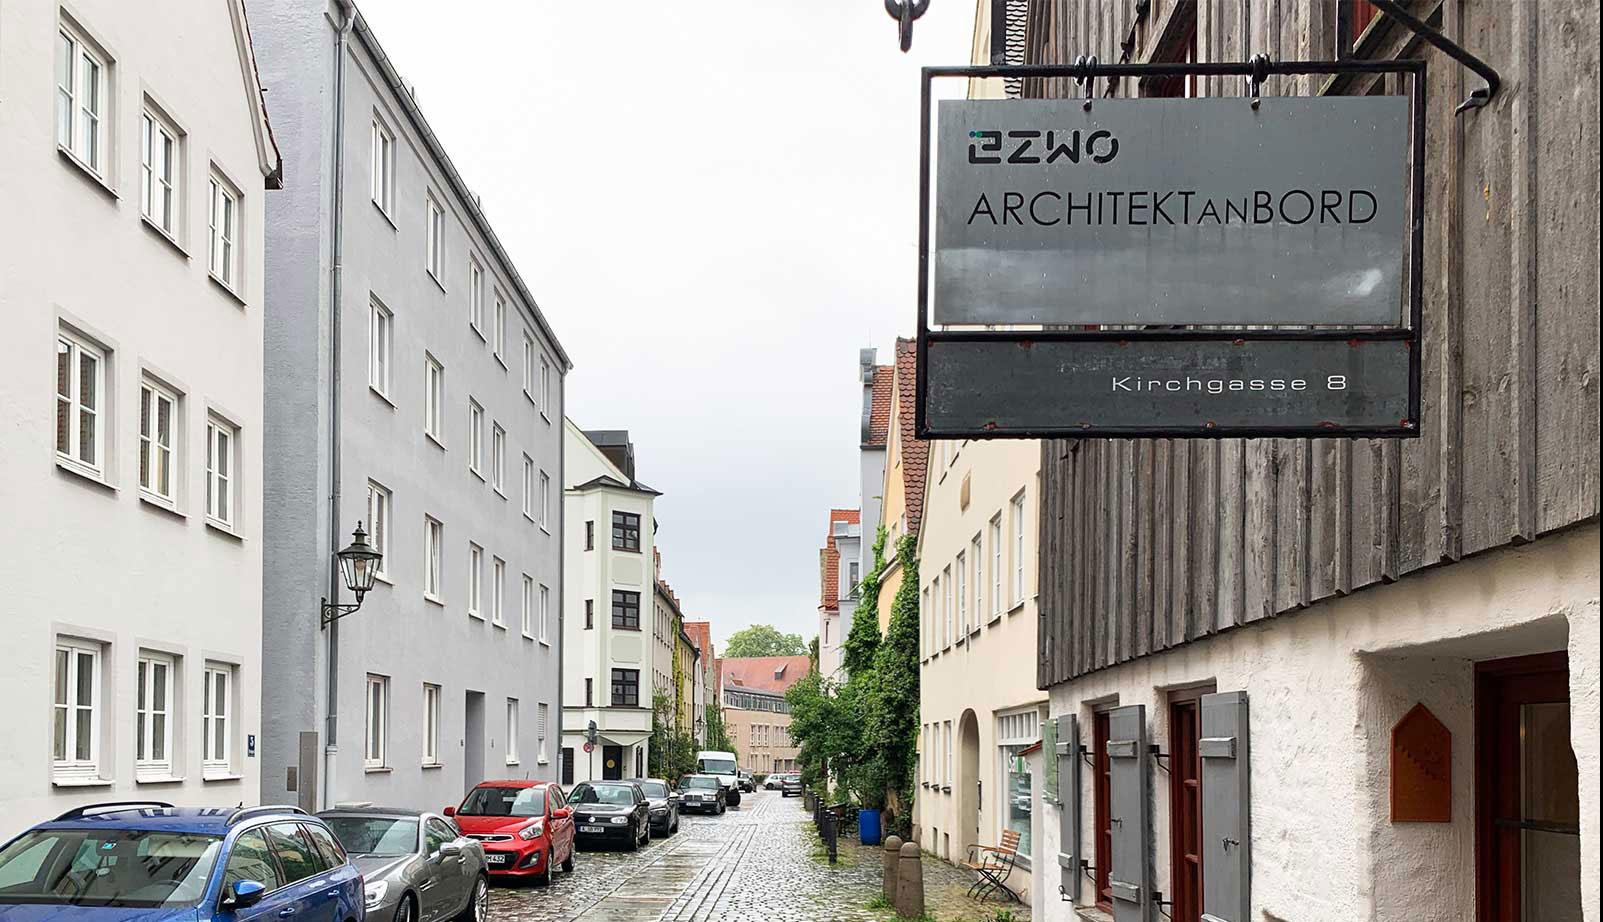 Büro E2WO Ausgburg - Außenansicht